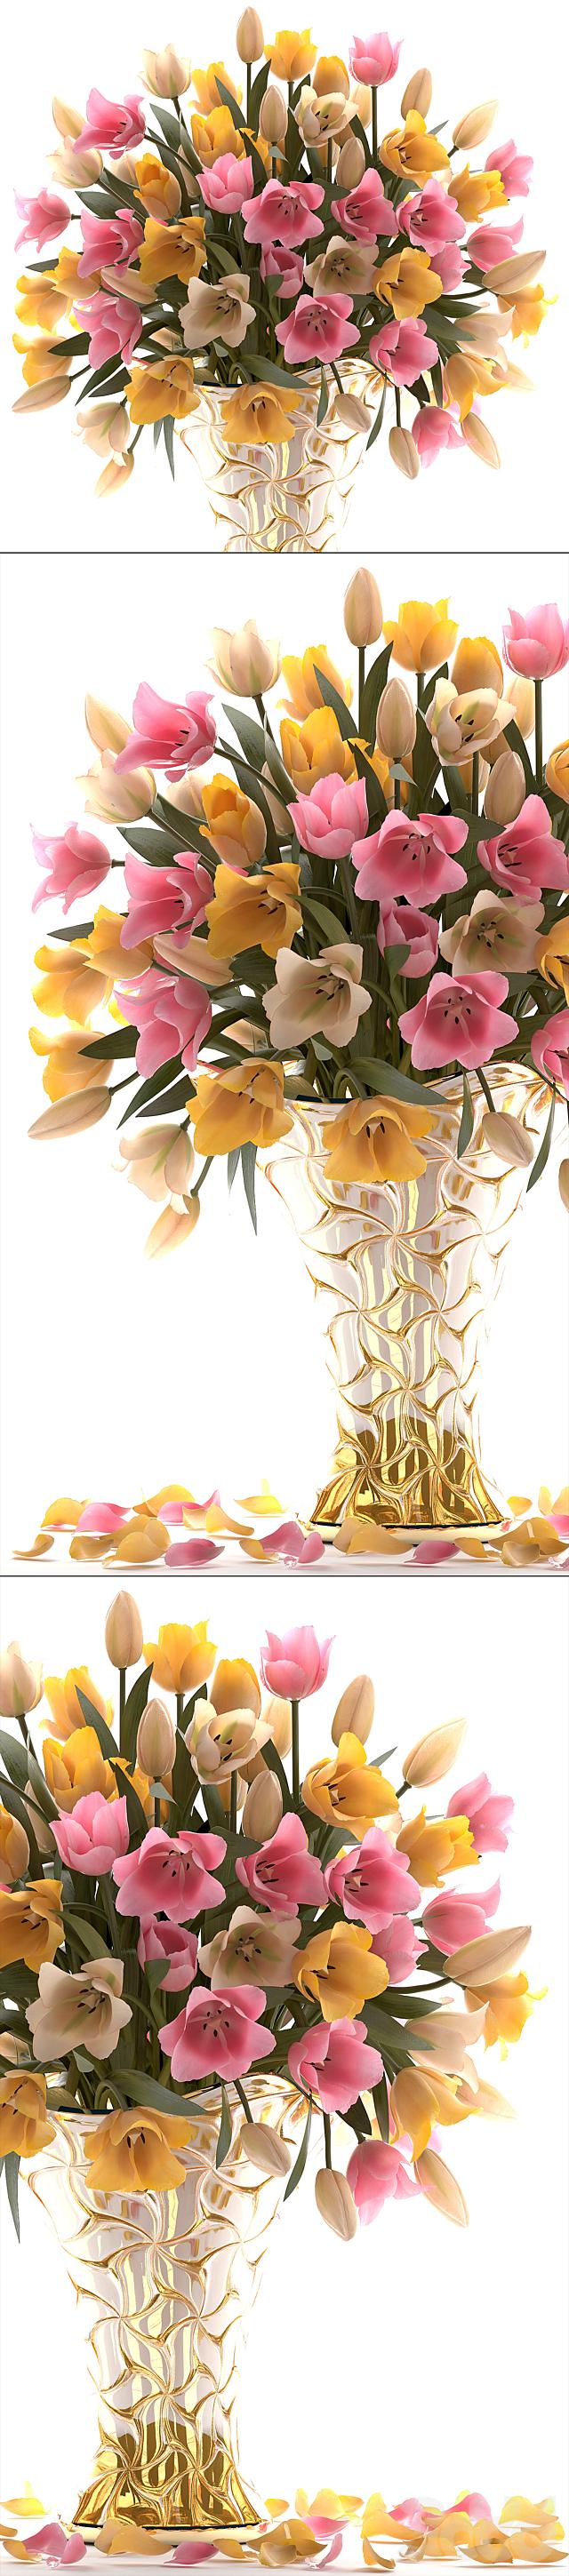 Коллекция цветов 23. Тюльпаны.